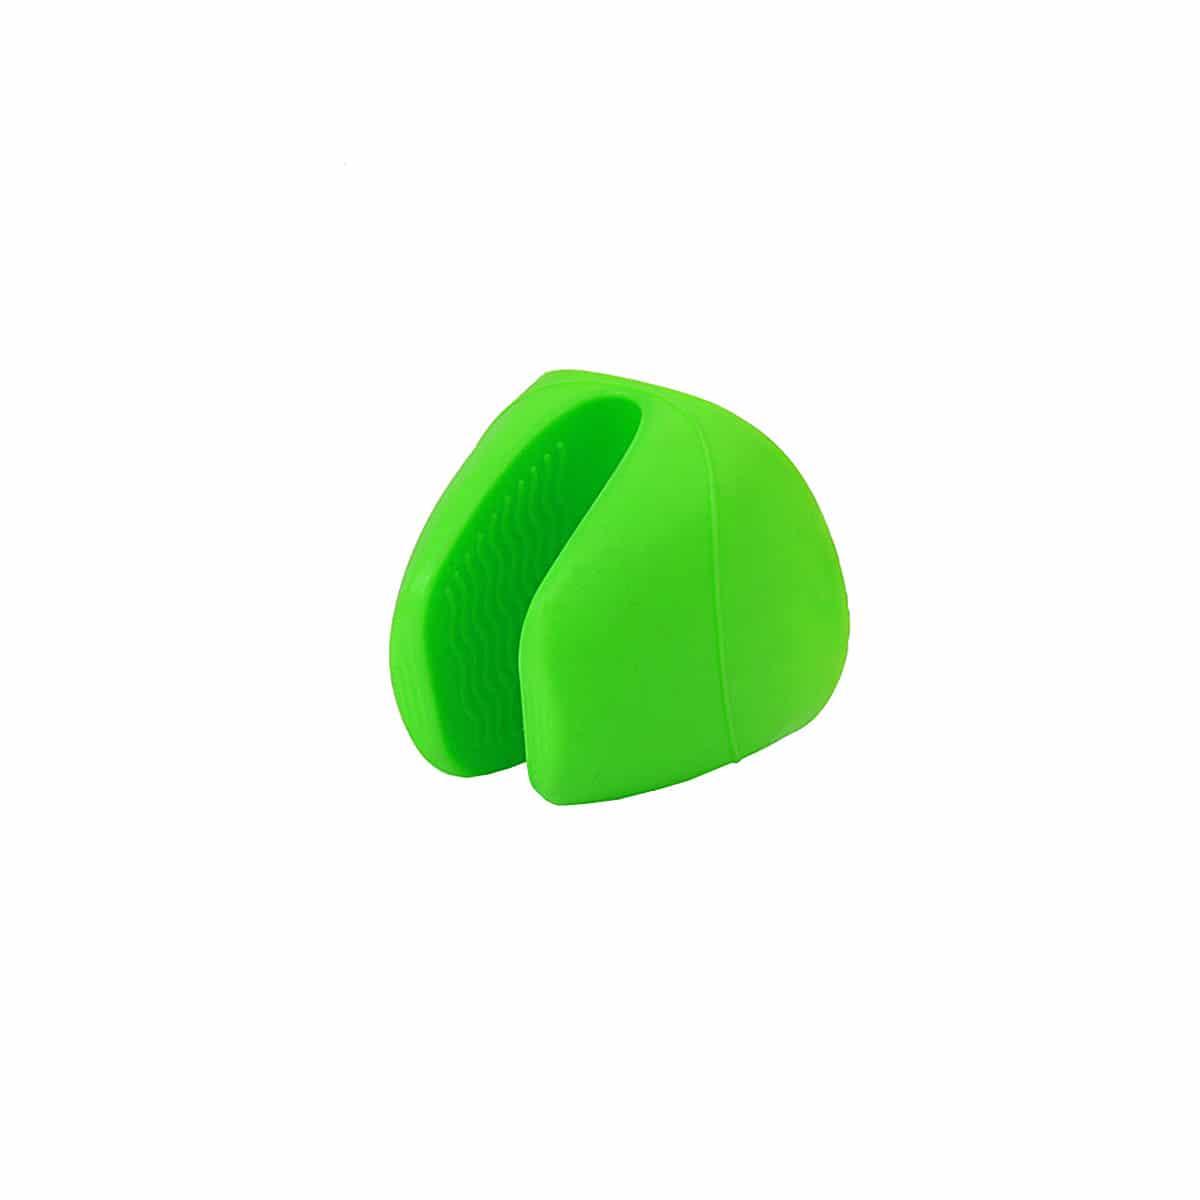 70121_4-thermomonotiki-lavi-silikonis-prasino-akamatra-a